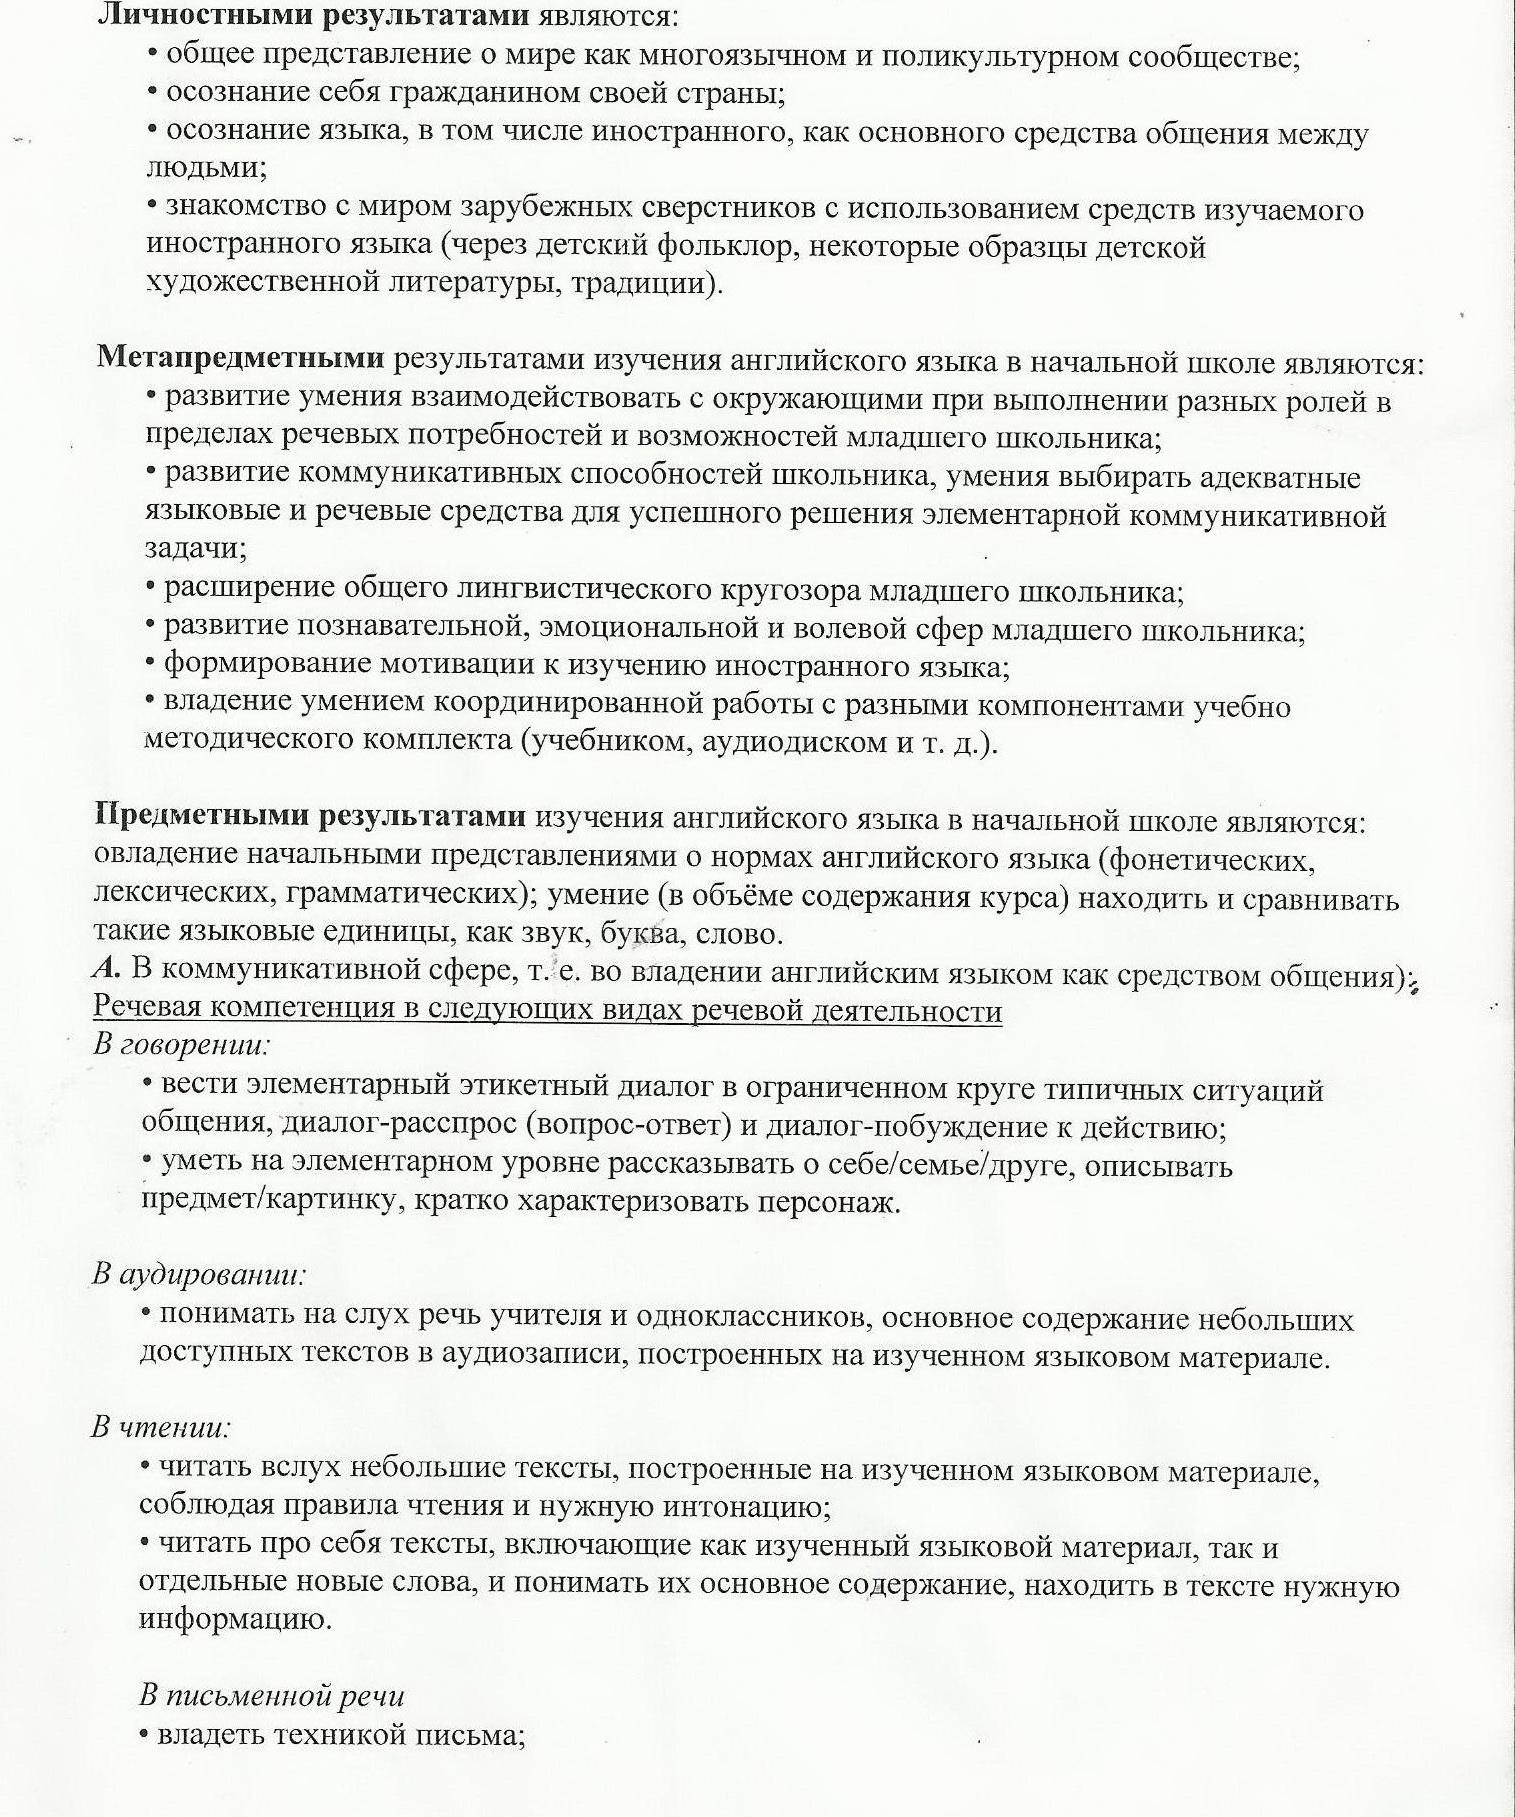 C:\Documents and Settings\Пользователь\Мои документы\рабочие программы\2 класс\2 класс пояснительная\13a.jpg